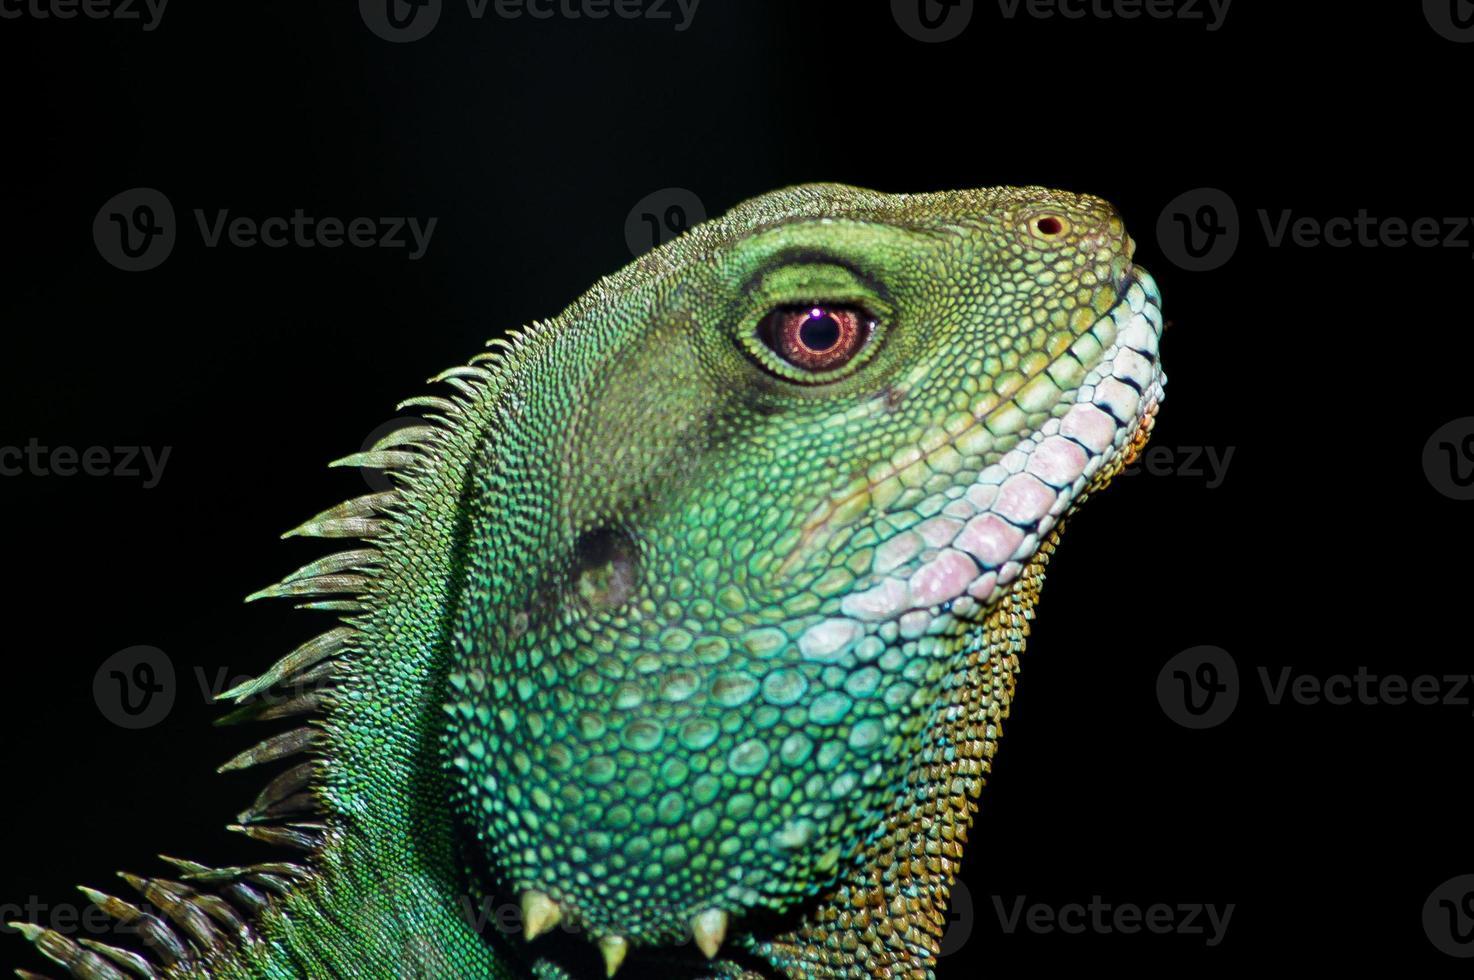 Cabeza de iguana verde de perfil en el parque zoológico de Chester, Reino Unido foto